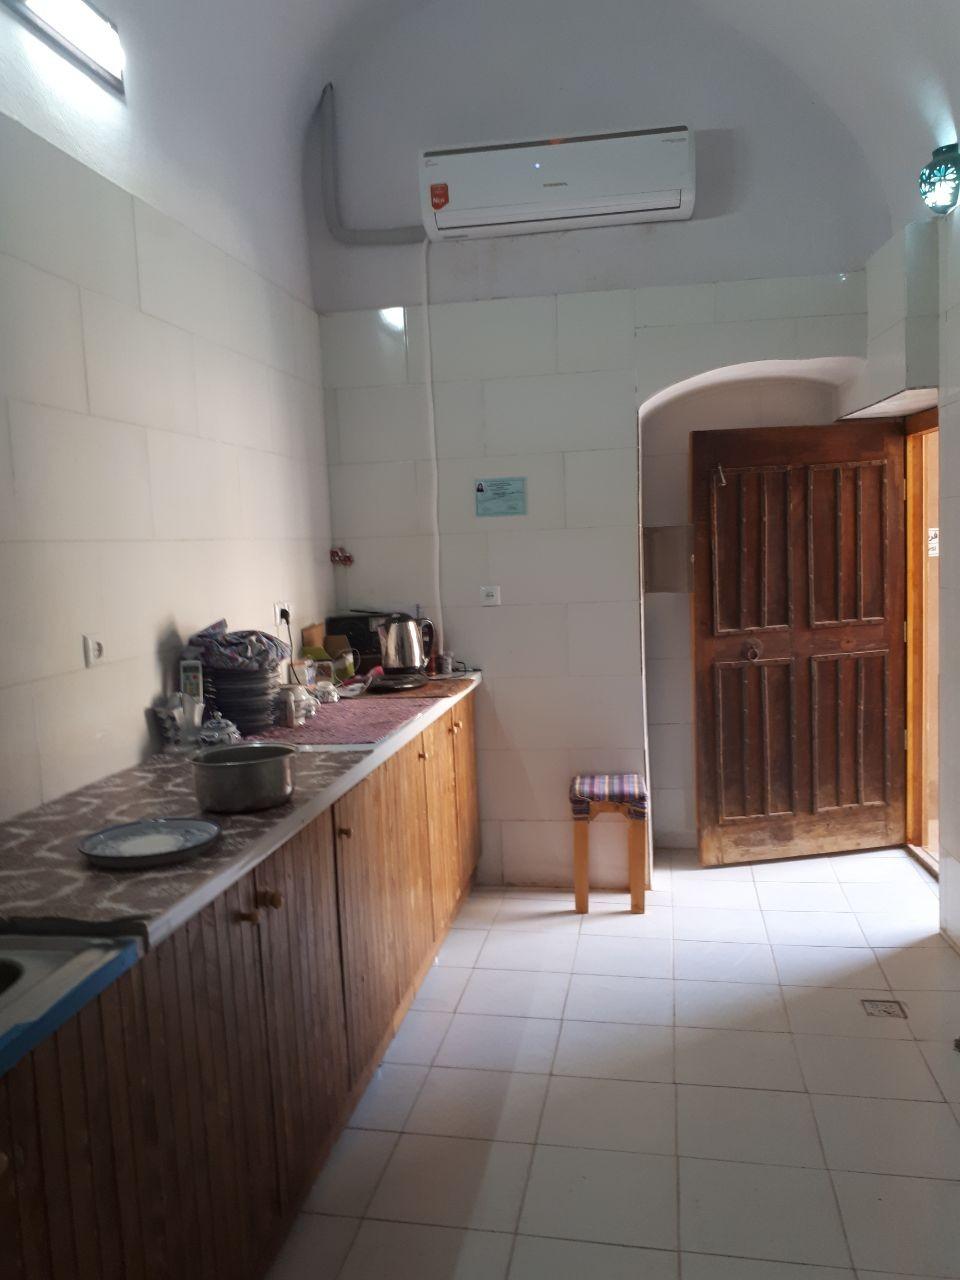 شهری اقامتگاه سنتی در شهداد یزد -استراحتگاه خاقانی